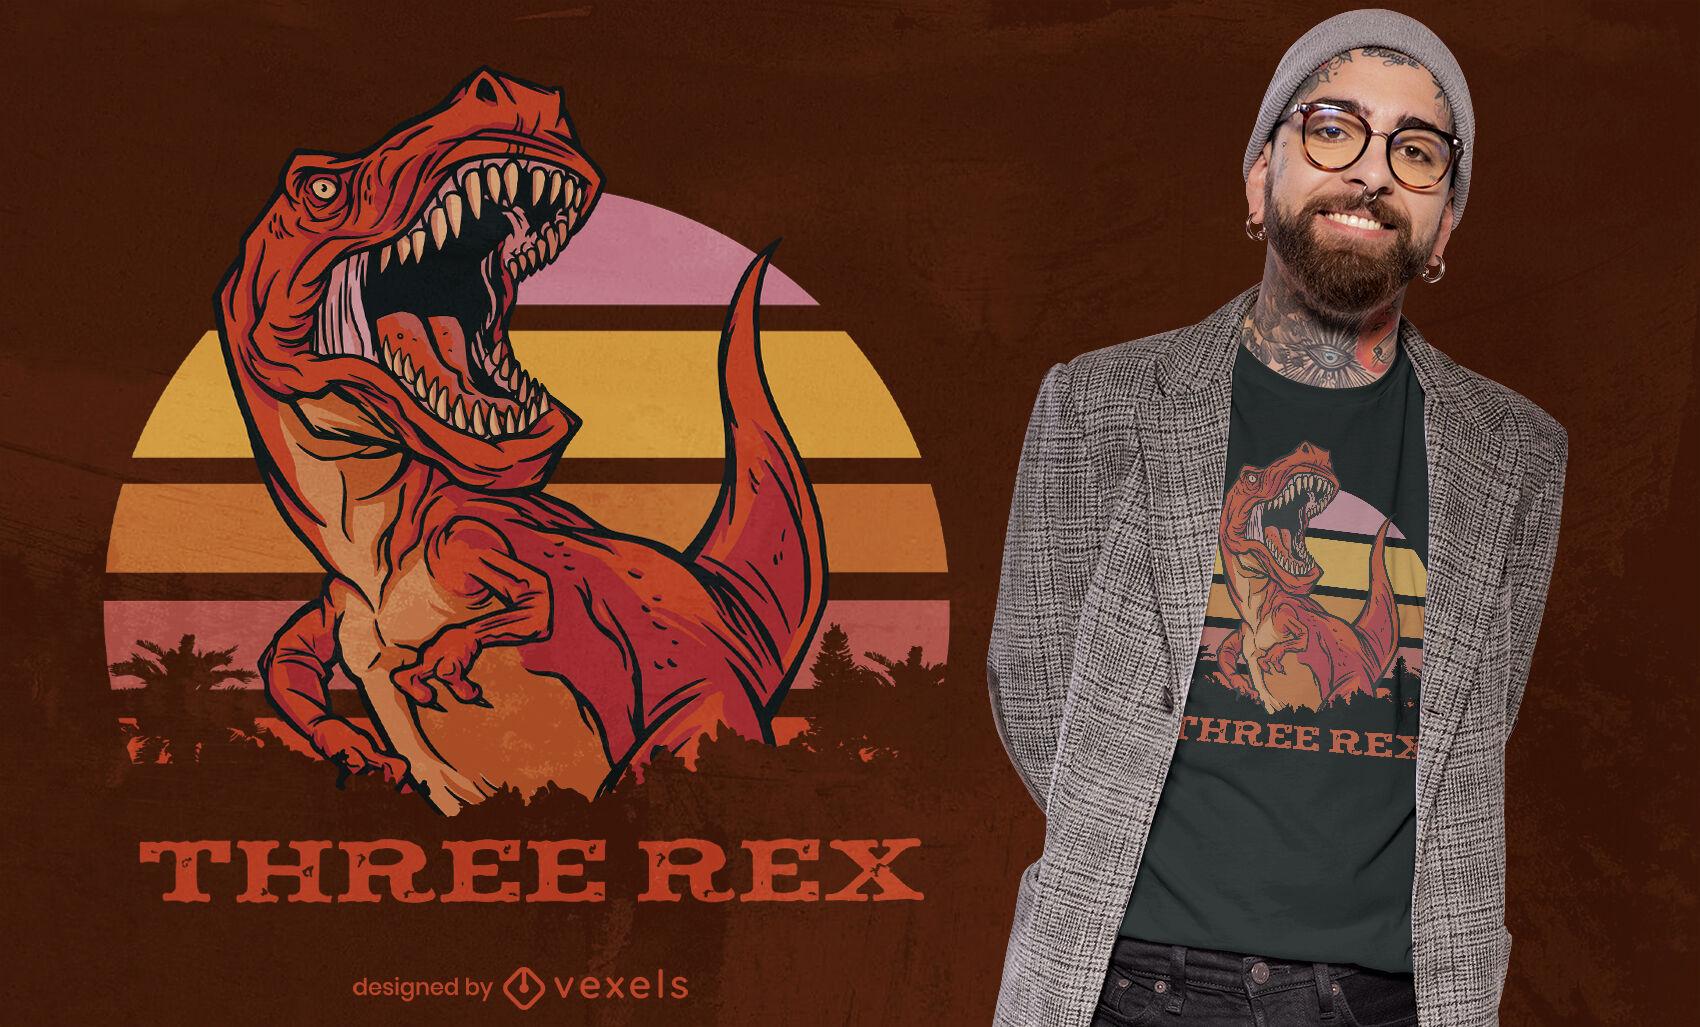 Dise?o de camiseta rad three t-rex